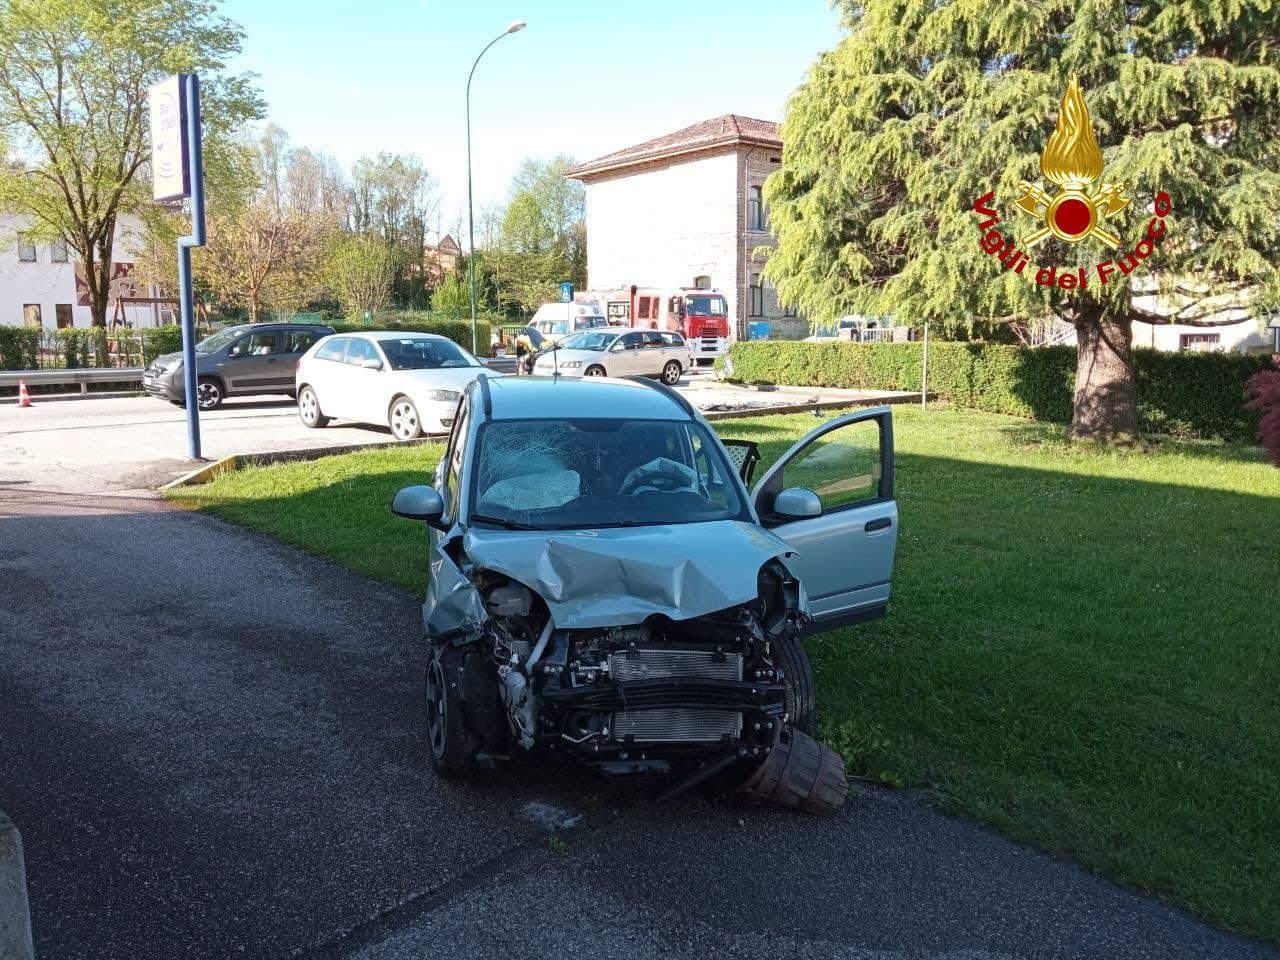 Vigili del Fuoco – Levego (BL), Scontro tra due auto sulla SP 1 Via Meassa, un ferito trasferito all'ospedale